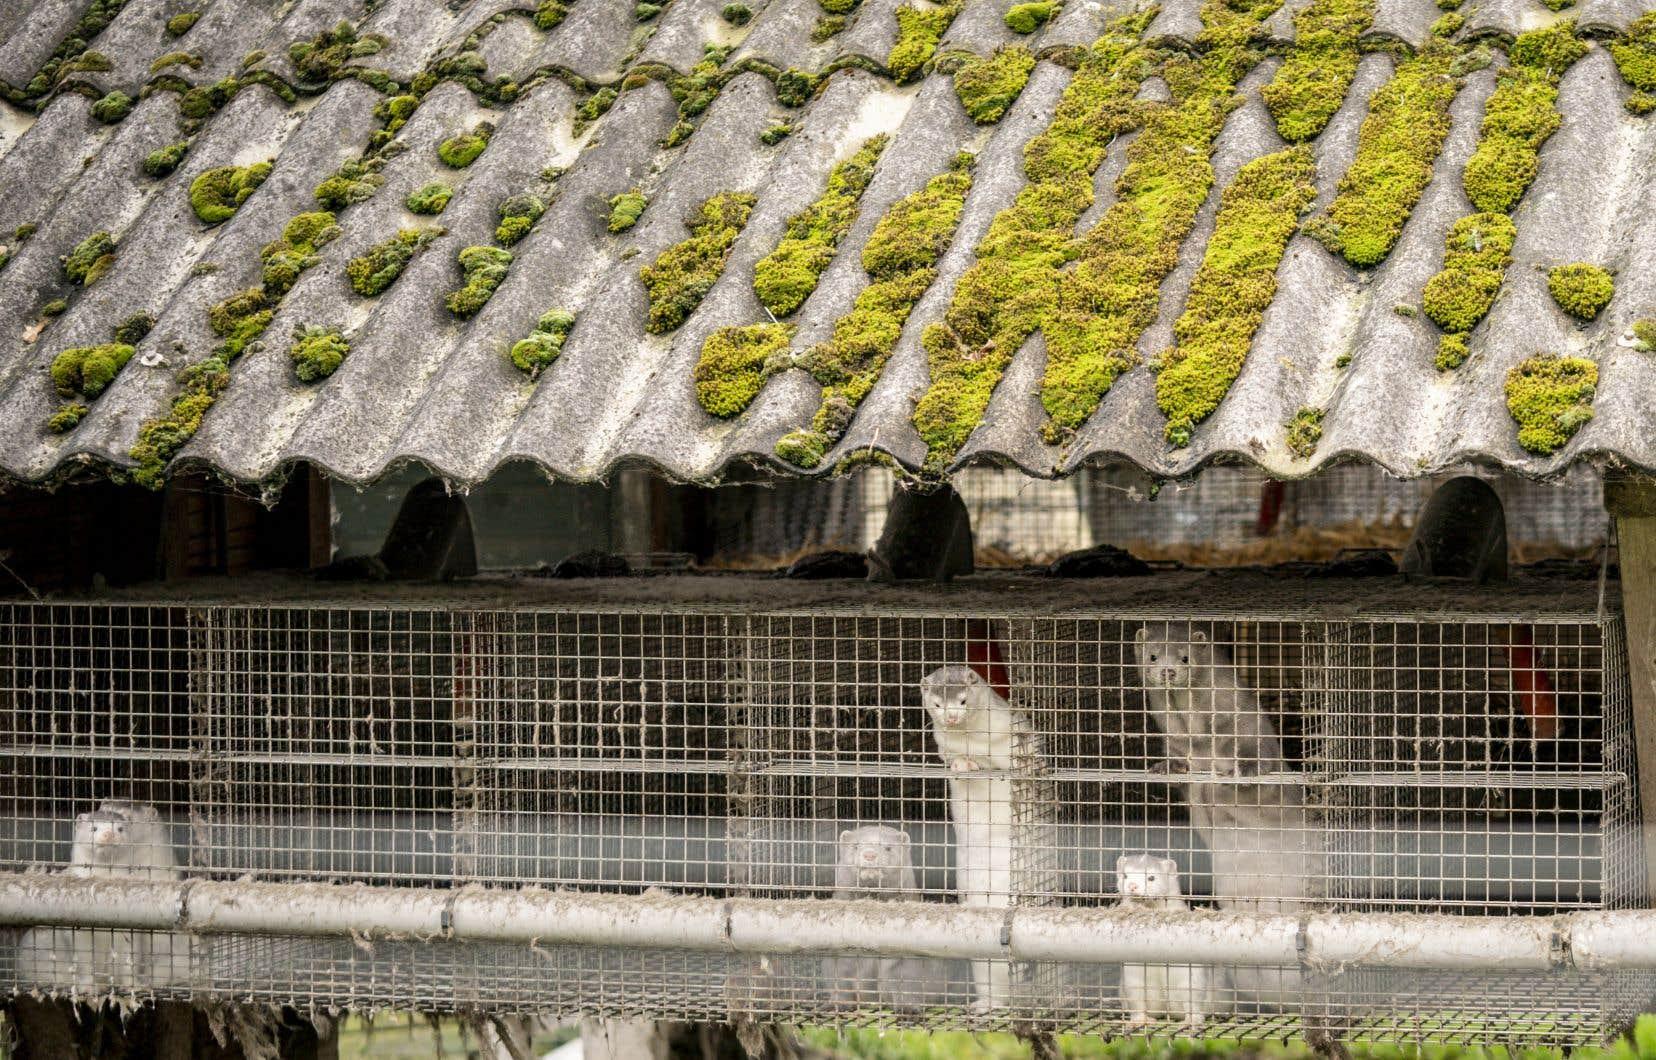 Le Danemark va abattre la totalité des visons élevés sur son territoire à cause d'une mutation du nouveau coronavirus.